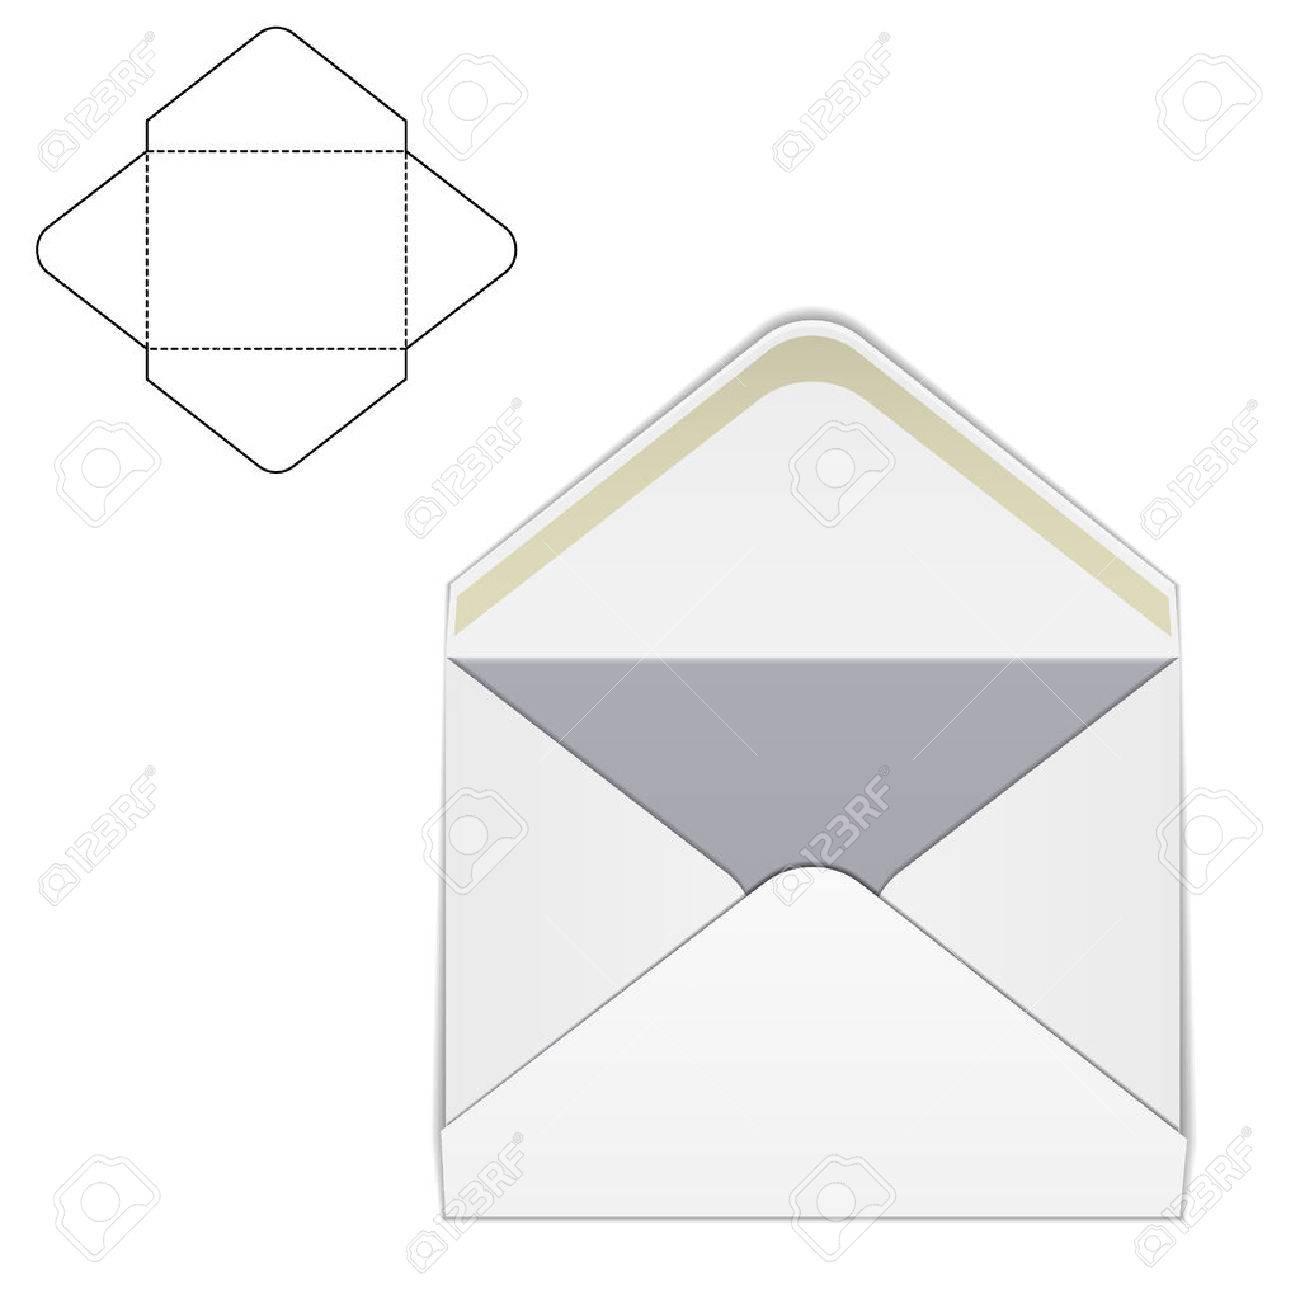 vector illustration of envelope paper or craft box for design